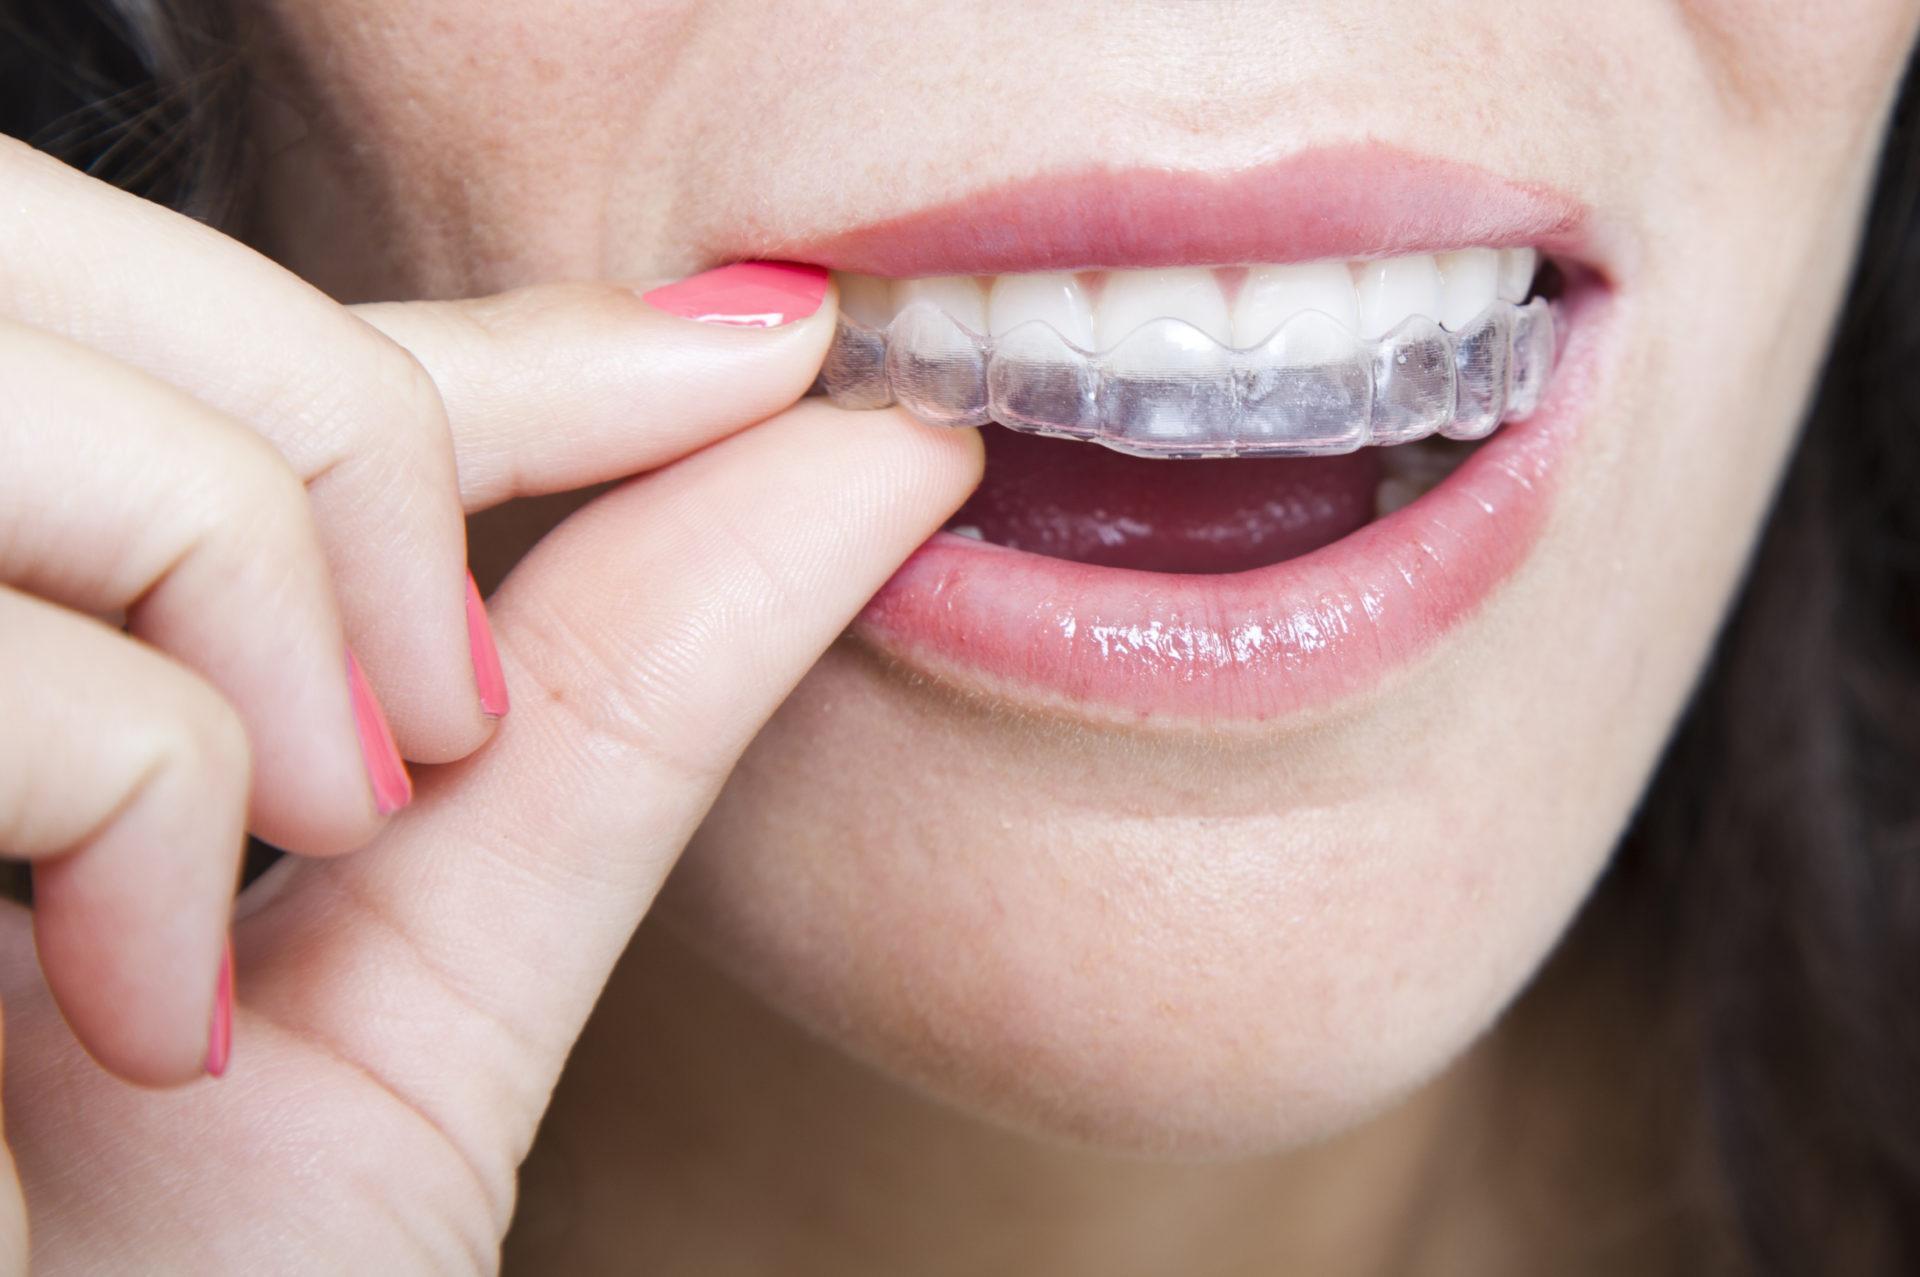 Durante este mes de septiembre también puedes conseguir tu ortodoncia Invisalign al mejor precio en la Clínica Dental Cuadrado